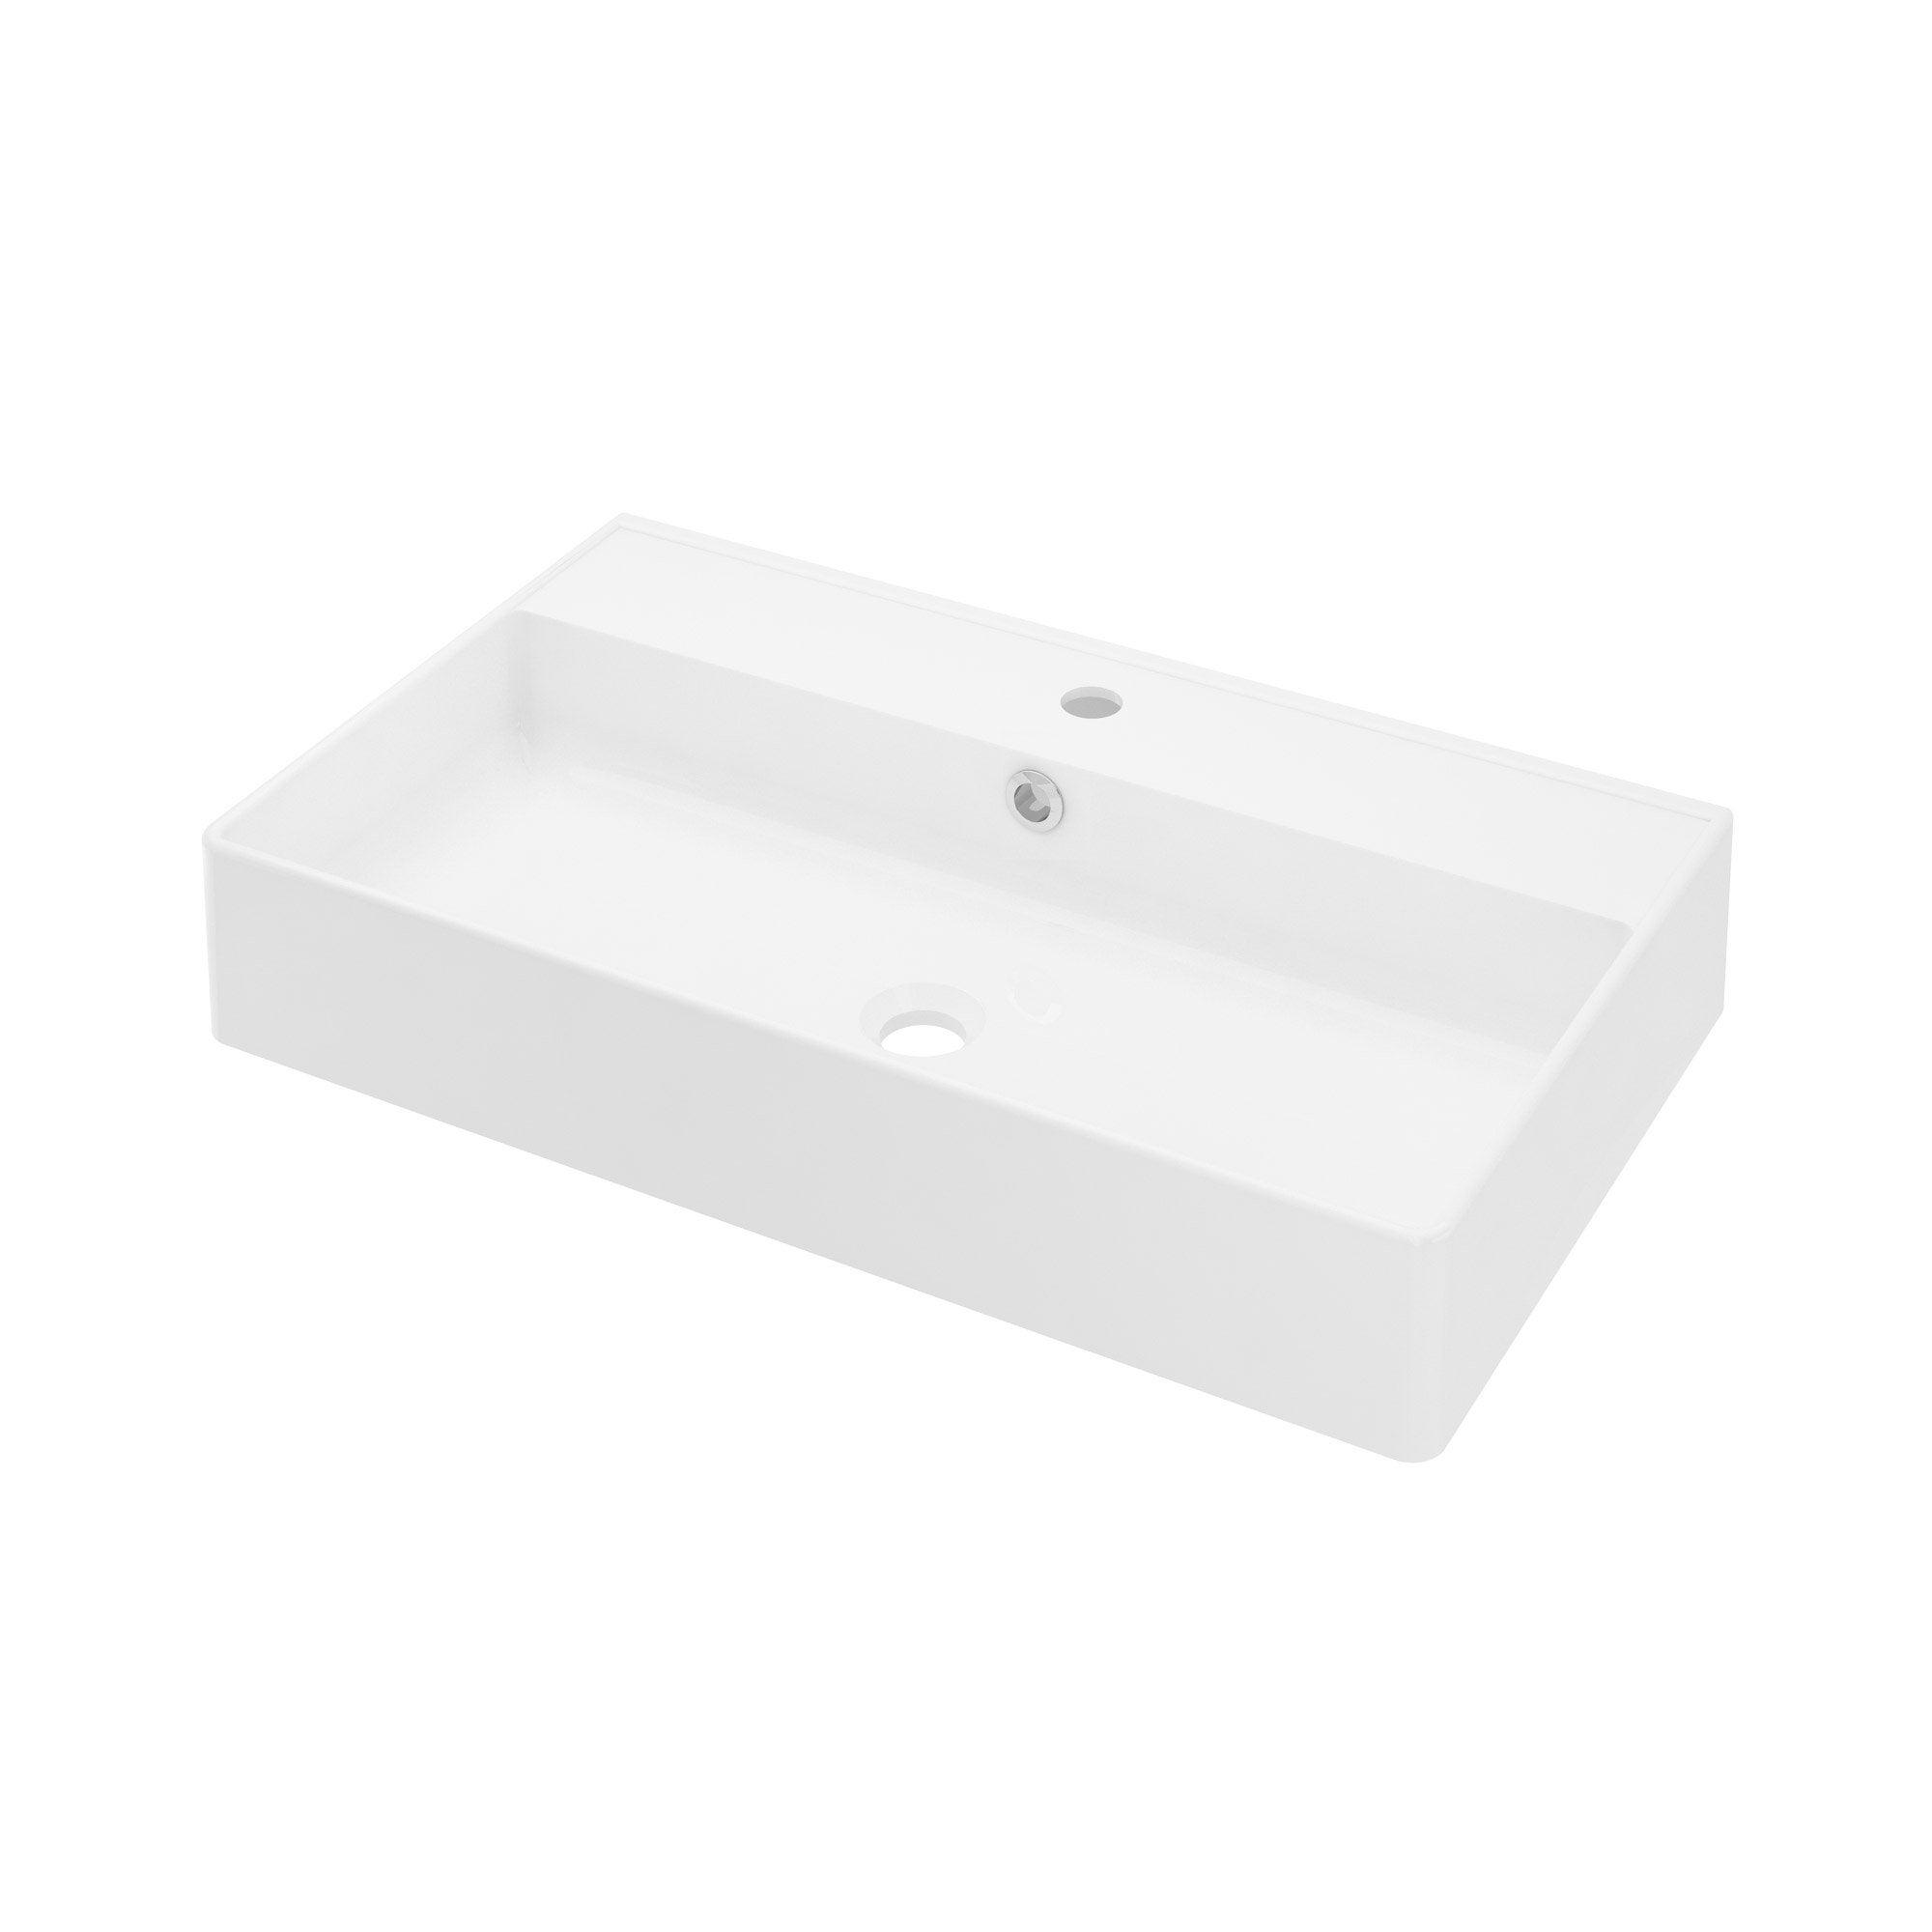 Plan vasque simple céramique l.71 x H.12 x P.41.5 cm, Easy